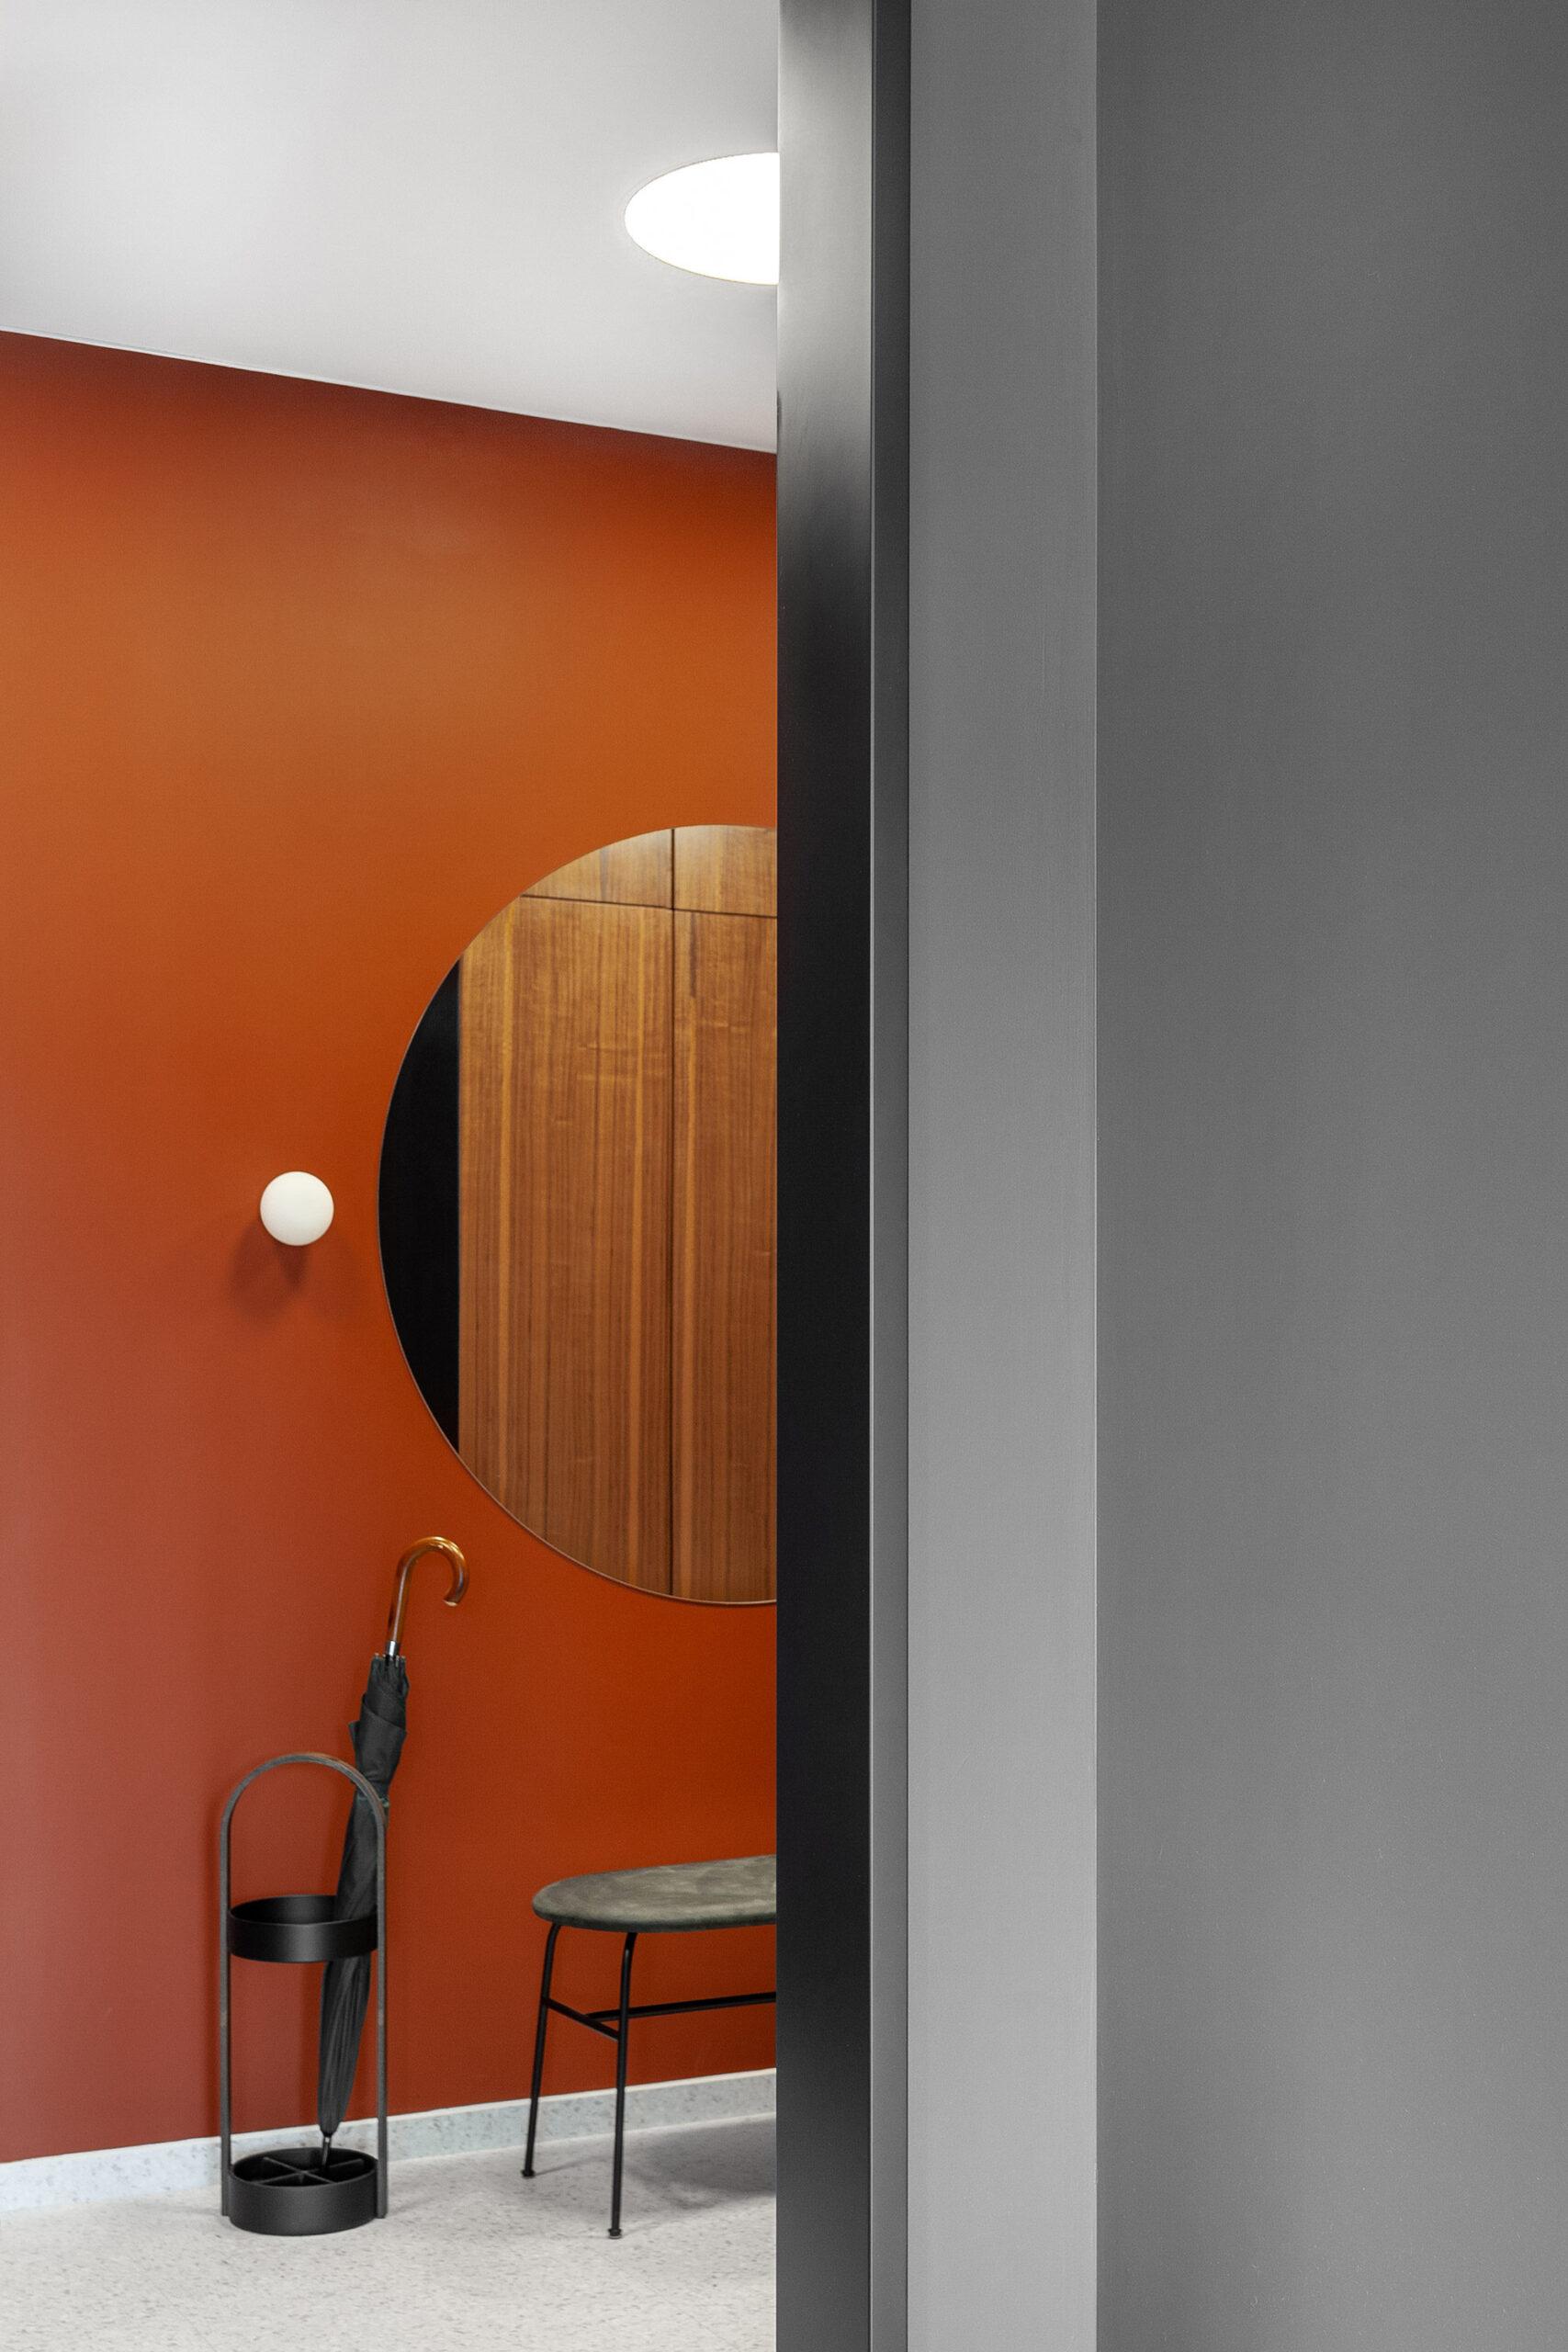 Pereți negrii mobilier din lemn și accente de orange într un apartament din Moscova 12 scaled